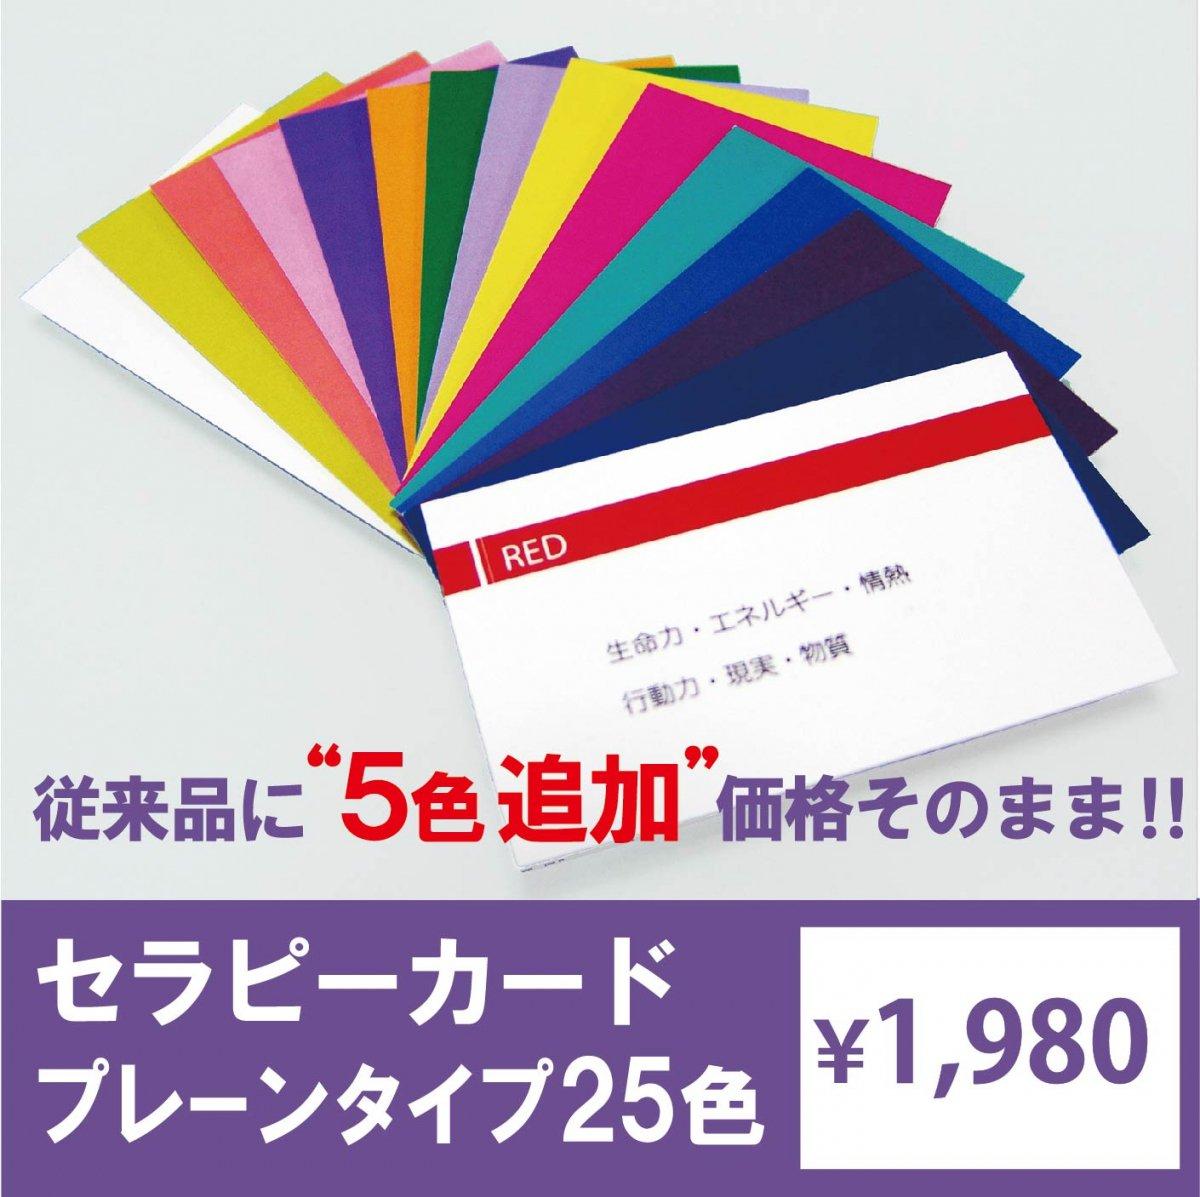 セラピーカードプレーンタイプ【20色セット】